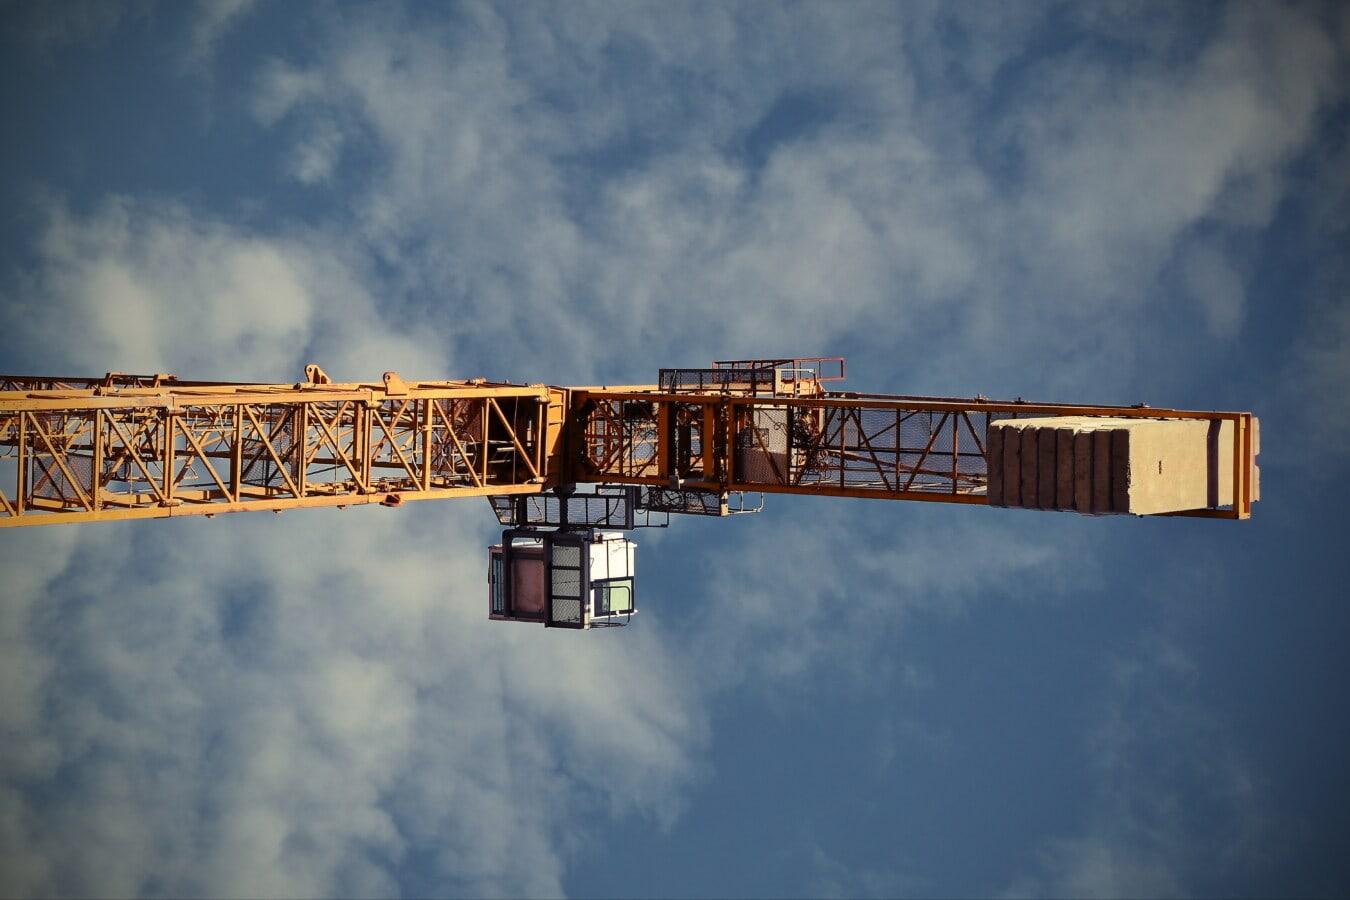 ciężkie, Żuraw, wysokie, stali, przemysł, urządzenia, Budowa, przemysłowe, architektura, na zewnątrz